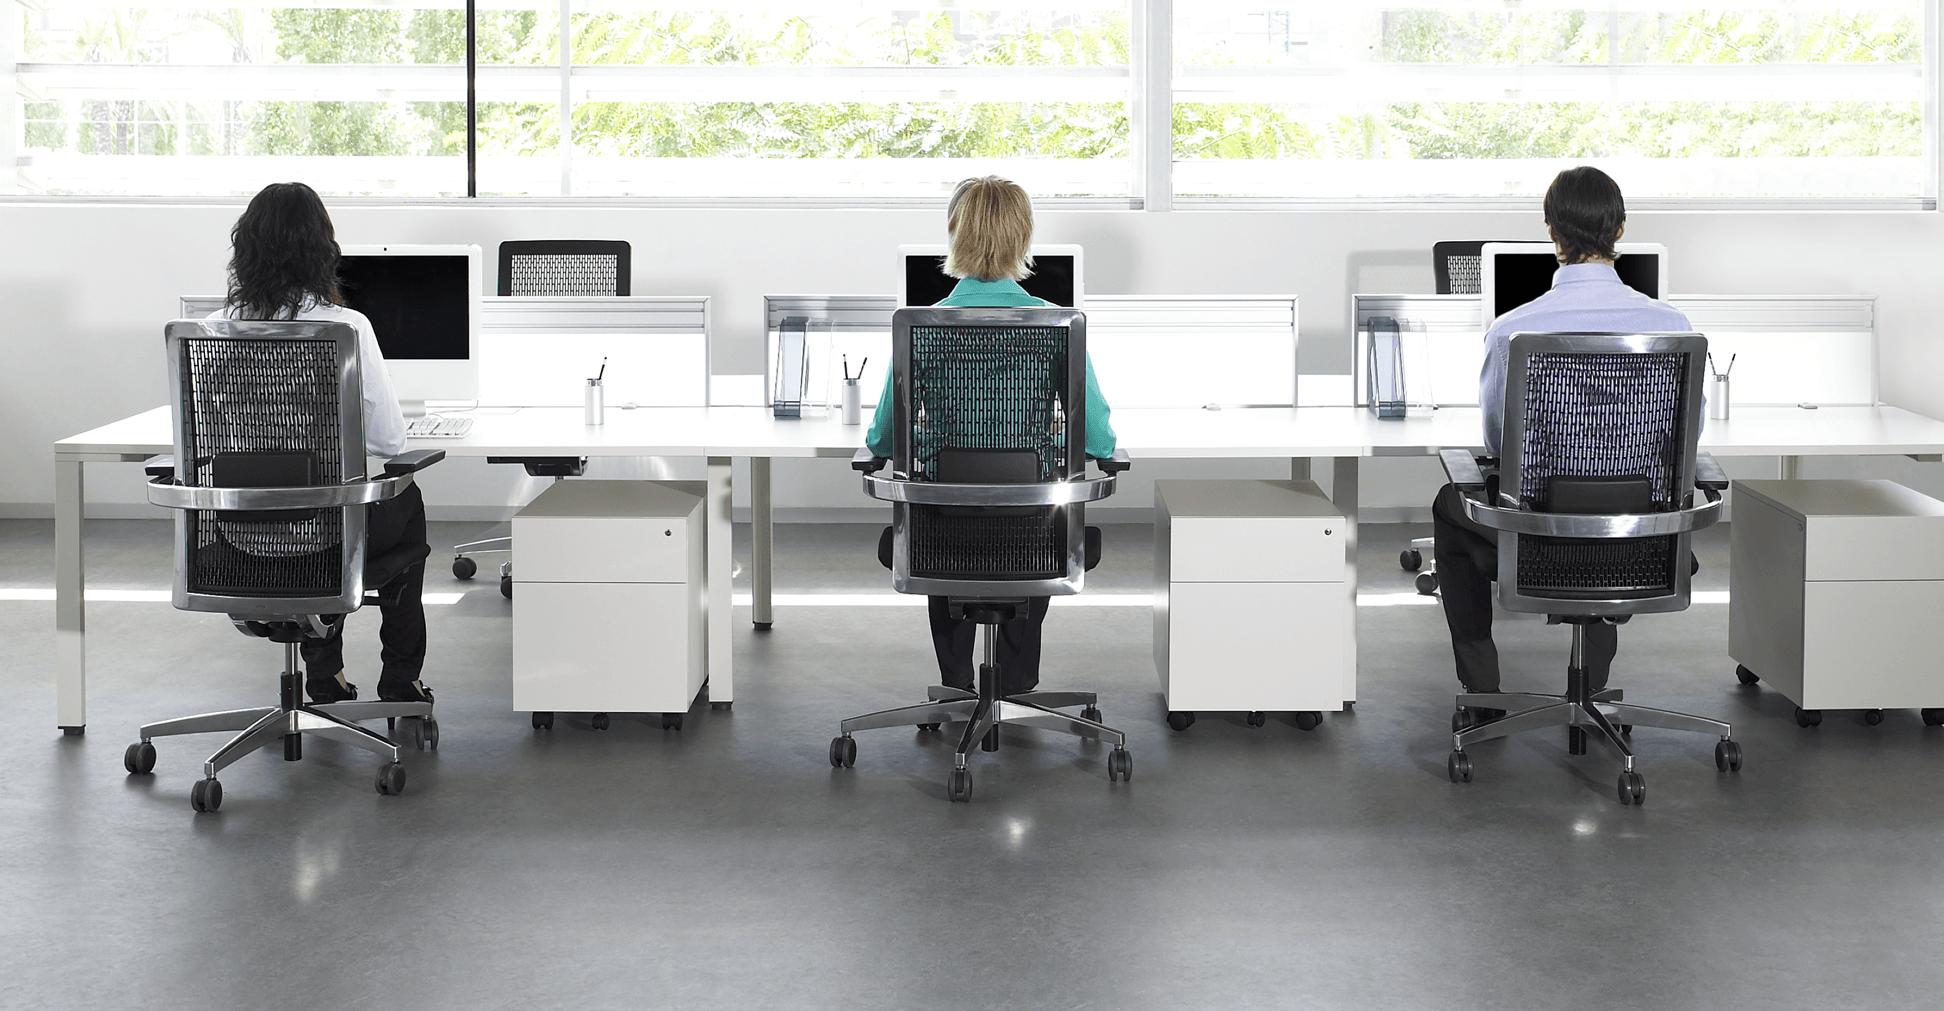 espacios de trabajo saludables 4